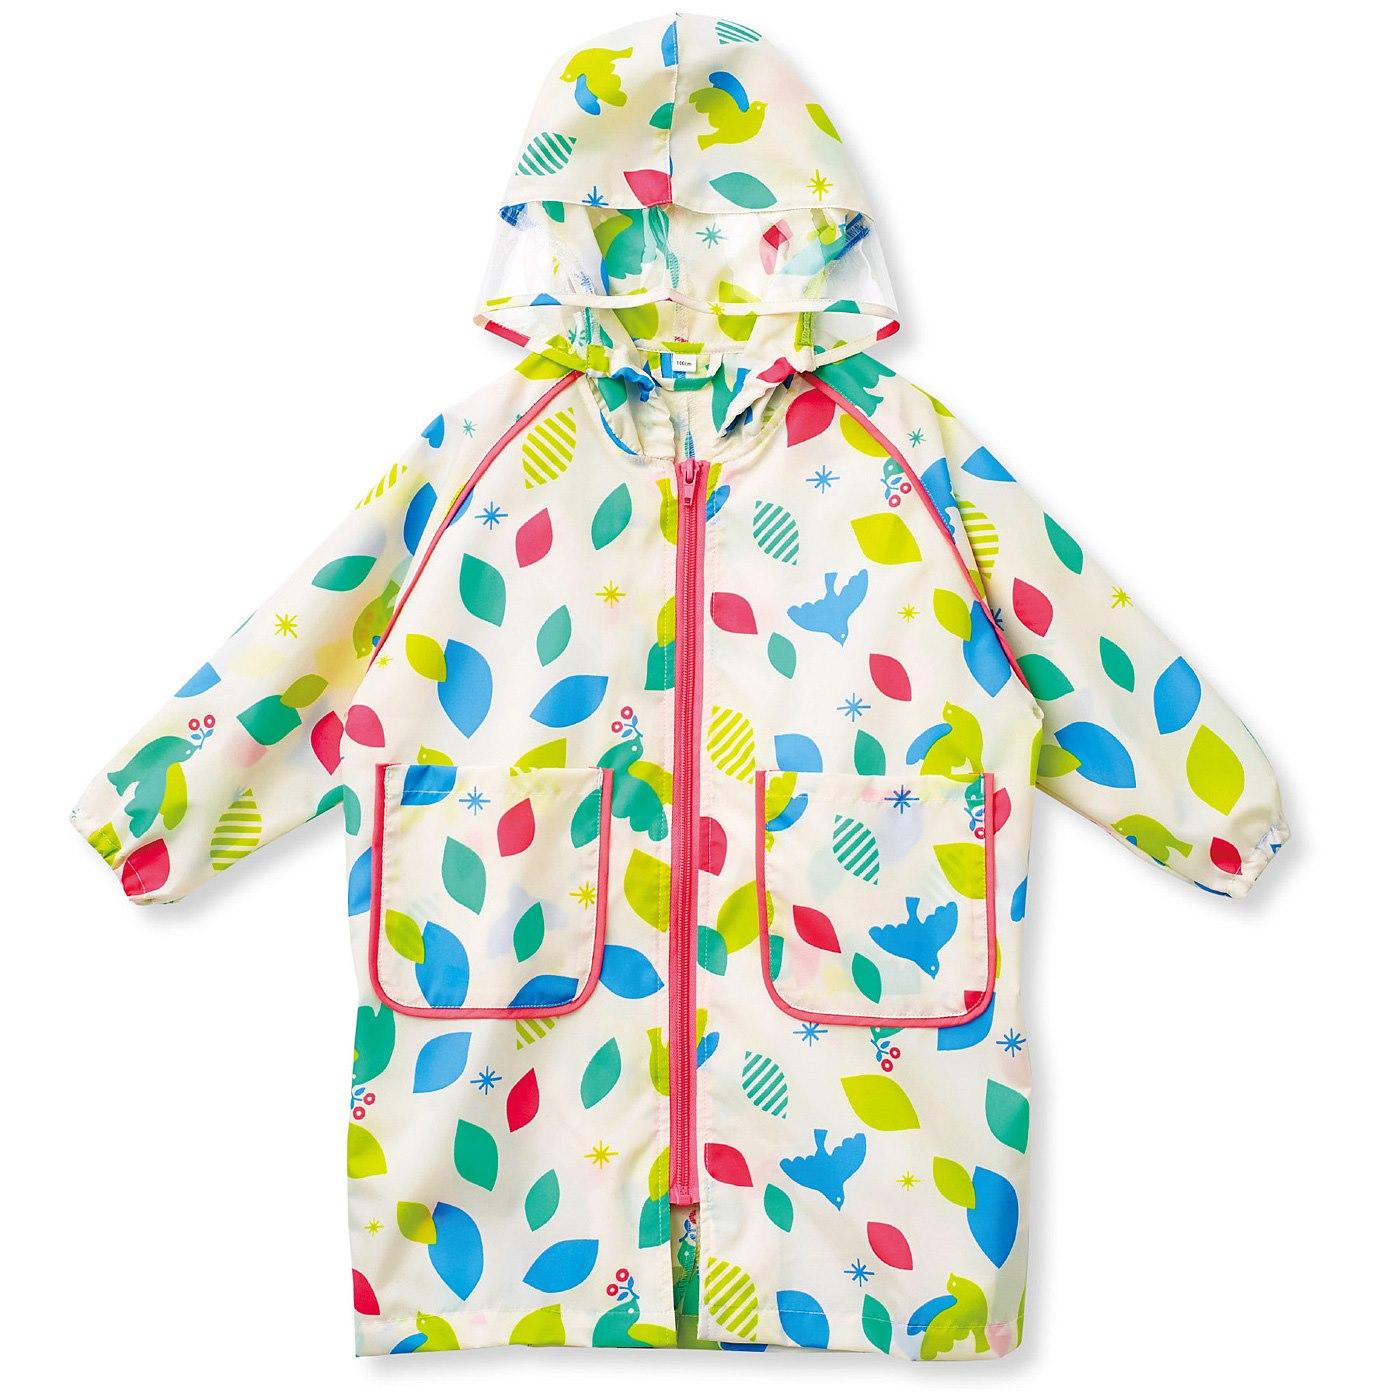 脱ぎ着が簡単なファスナー仕様。袖口はゴム入りで、雨が入ってくるのを防止。少し大きめサイズも、袖を折らずに着られます。